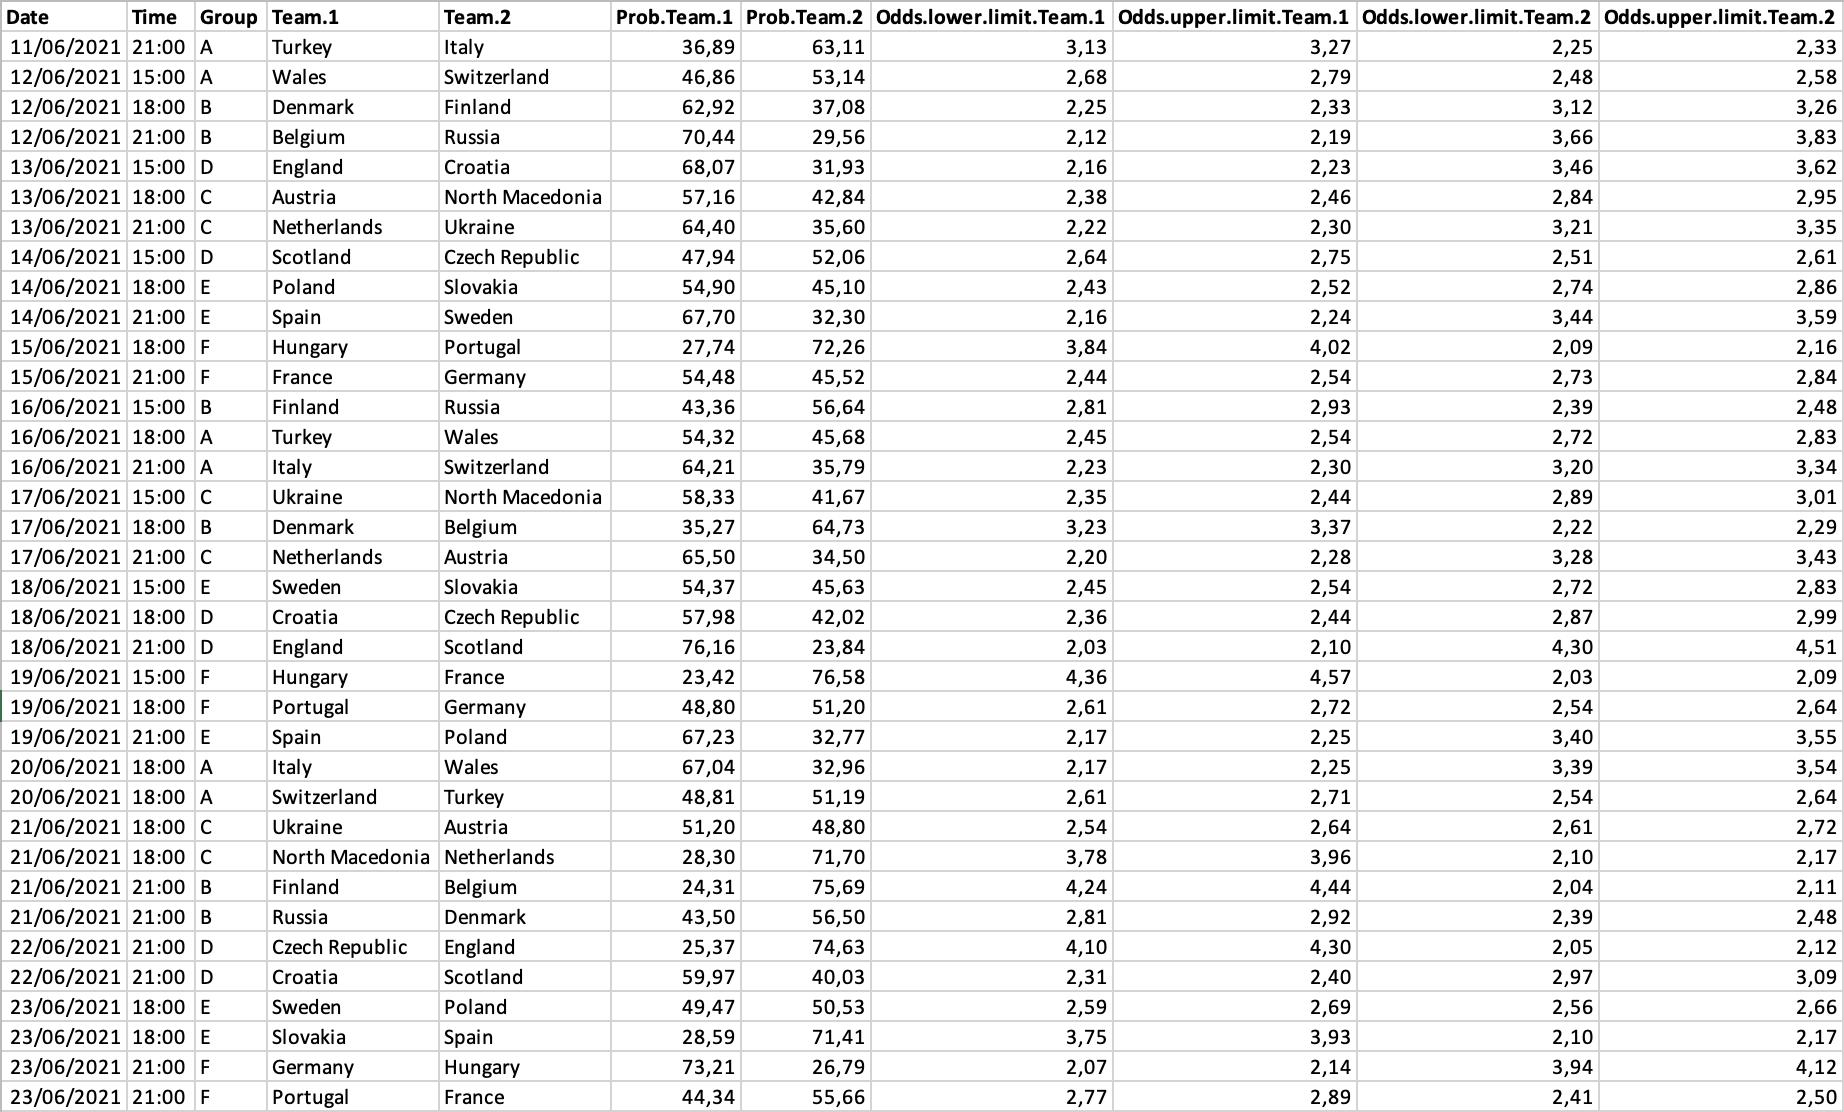 Le Dossier Data : Euro 2020 11